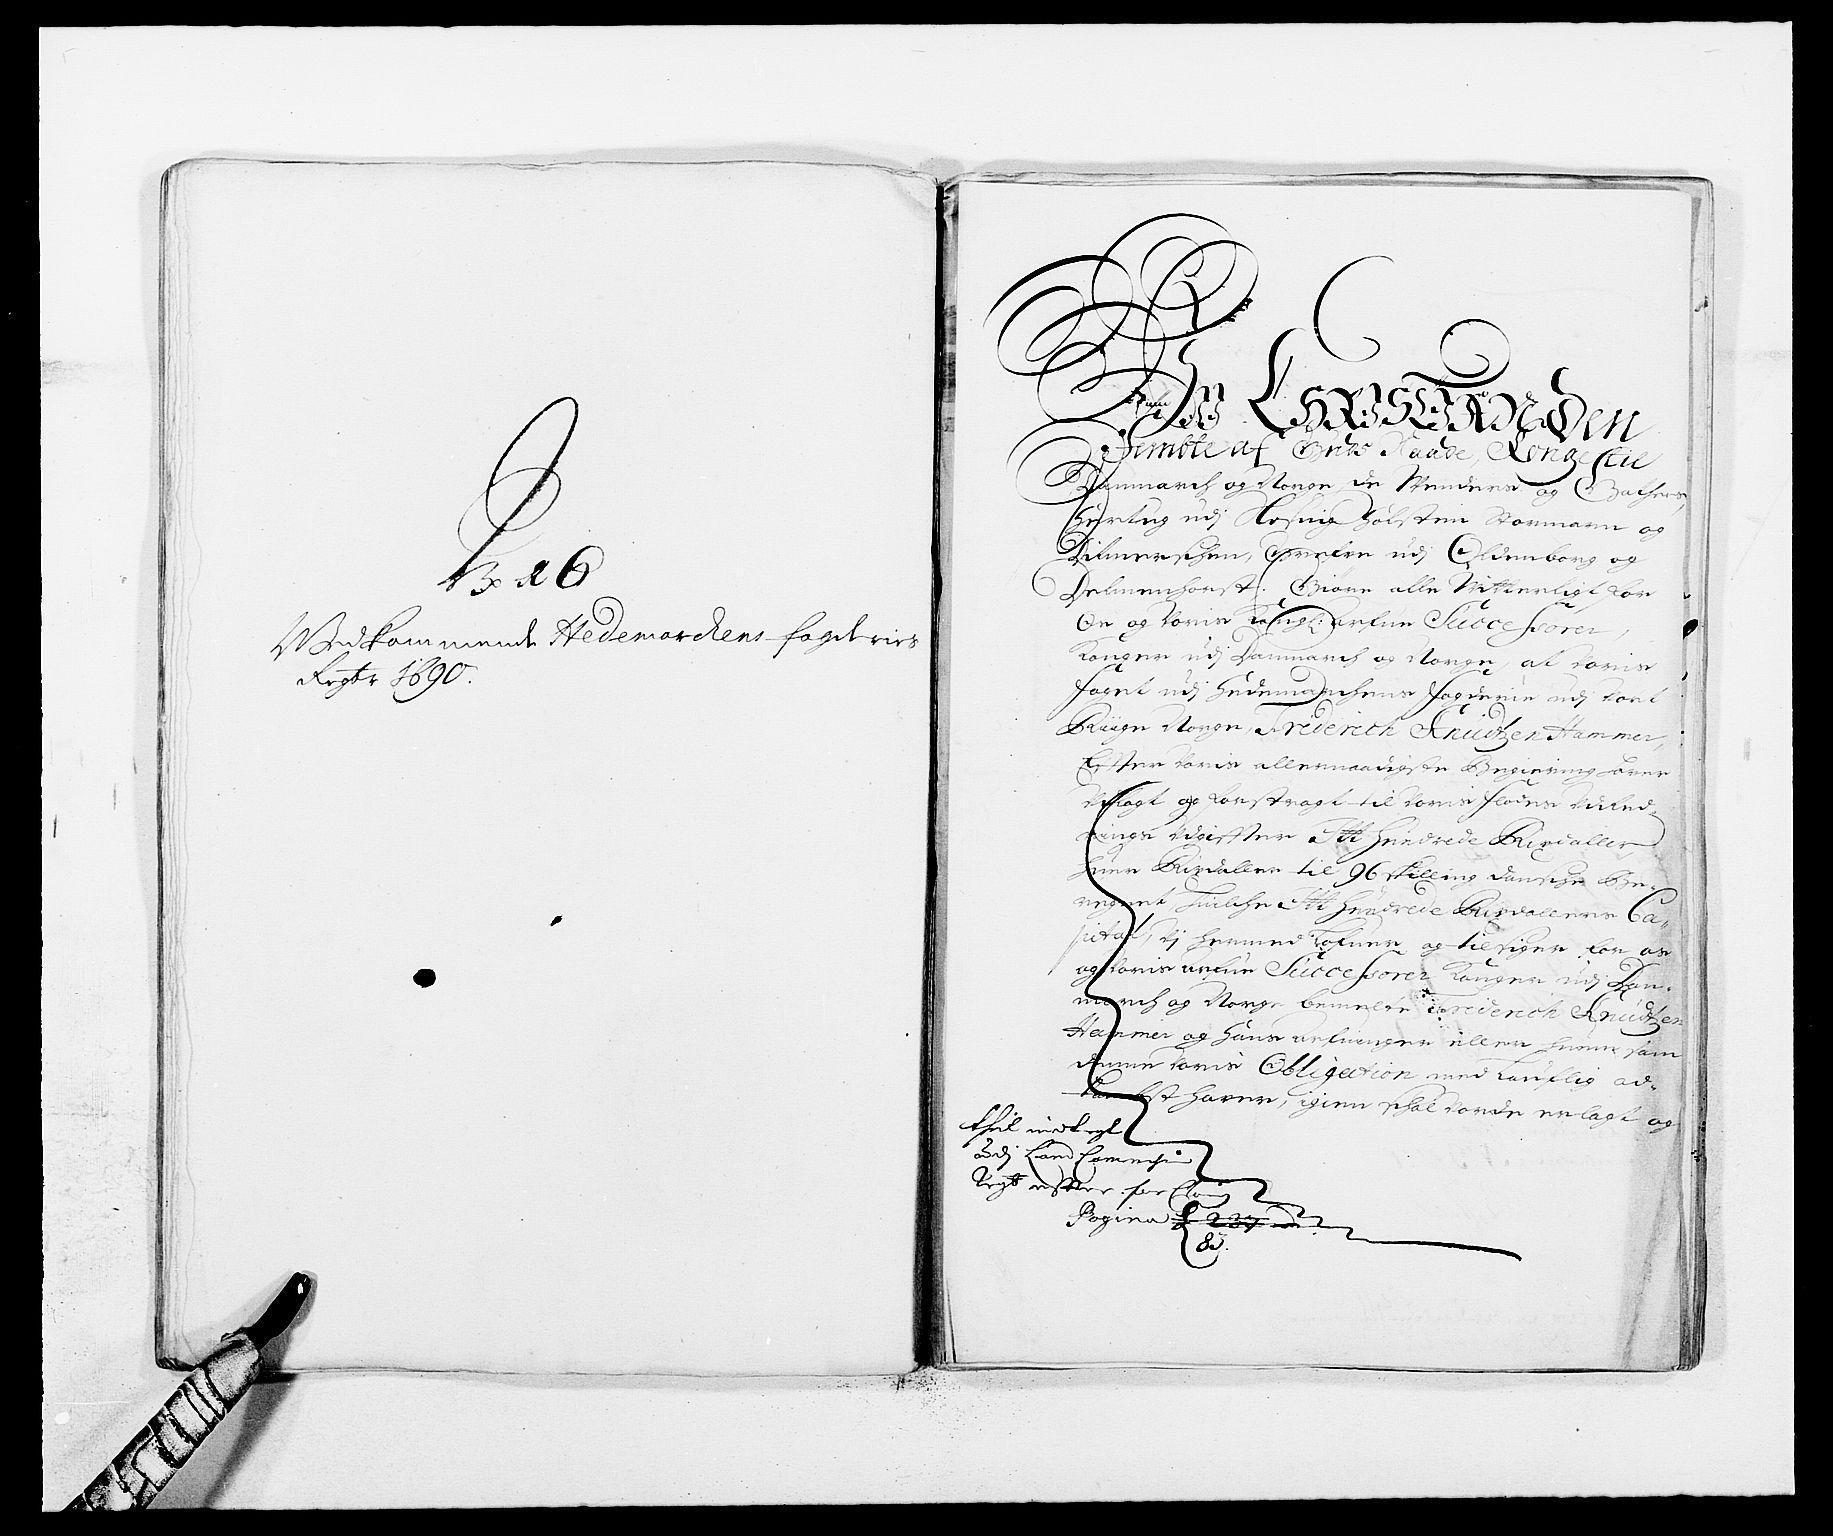 RA, Rentekammeret inntil 1814, Reviderte regnskaper, Fogderegnskap, R16/L1031: Fogderegnskap Hedmark, 1689-1692, s. 243